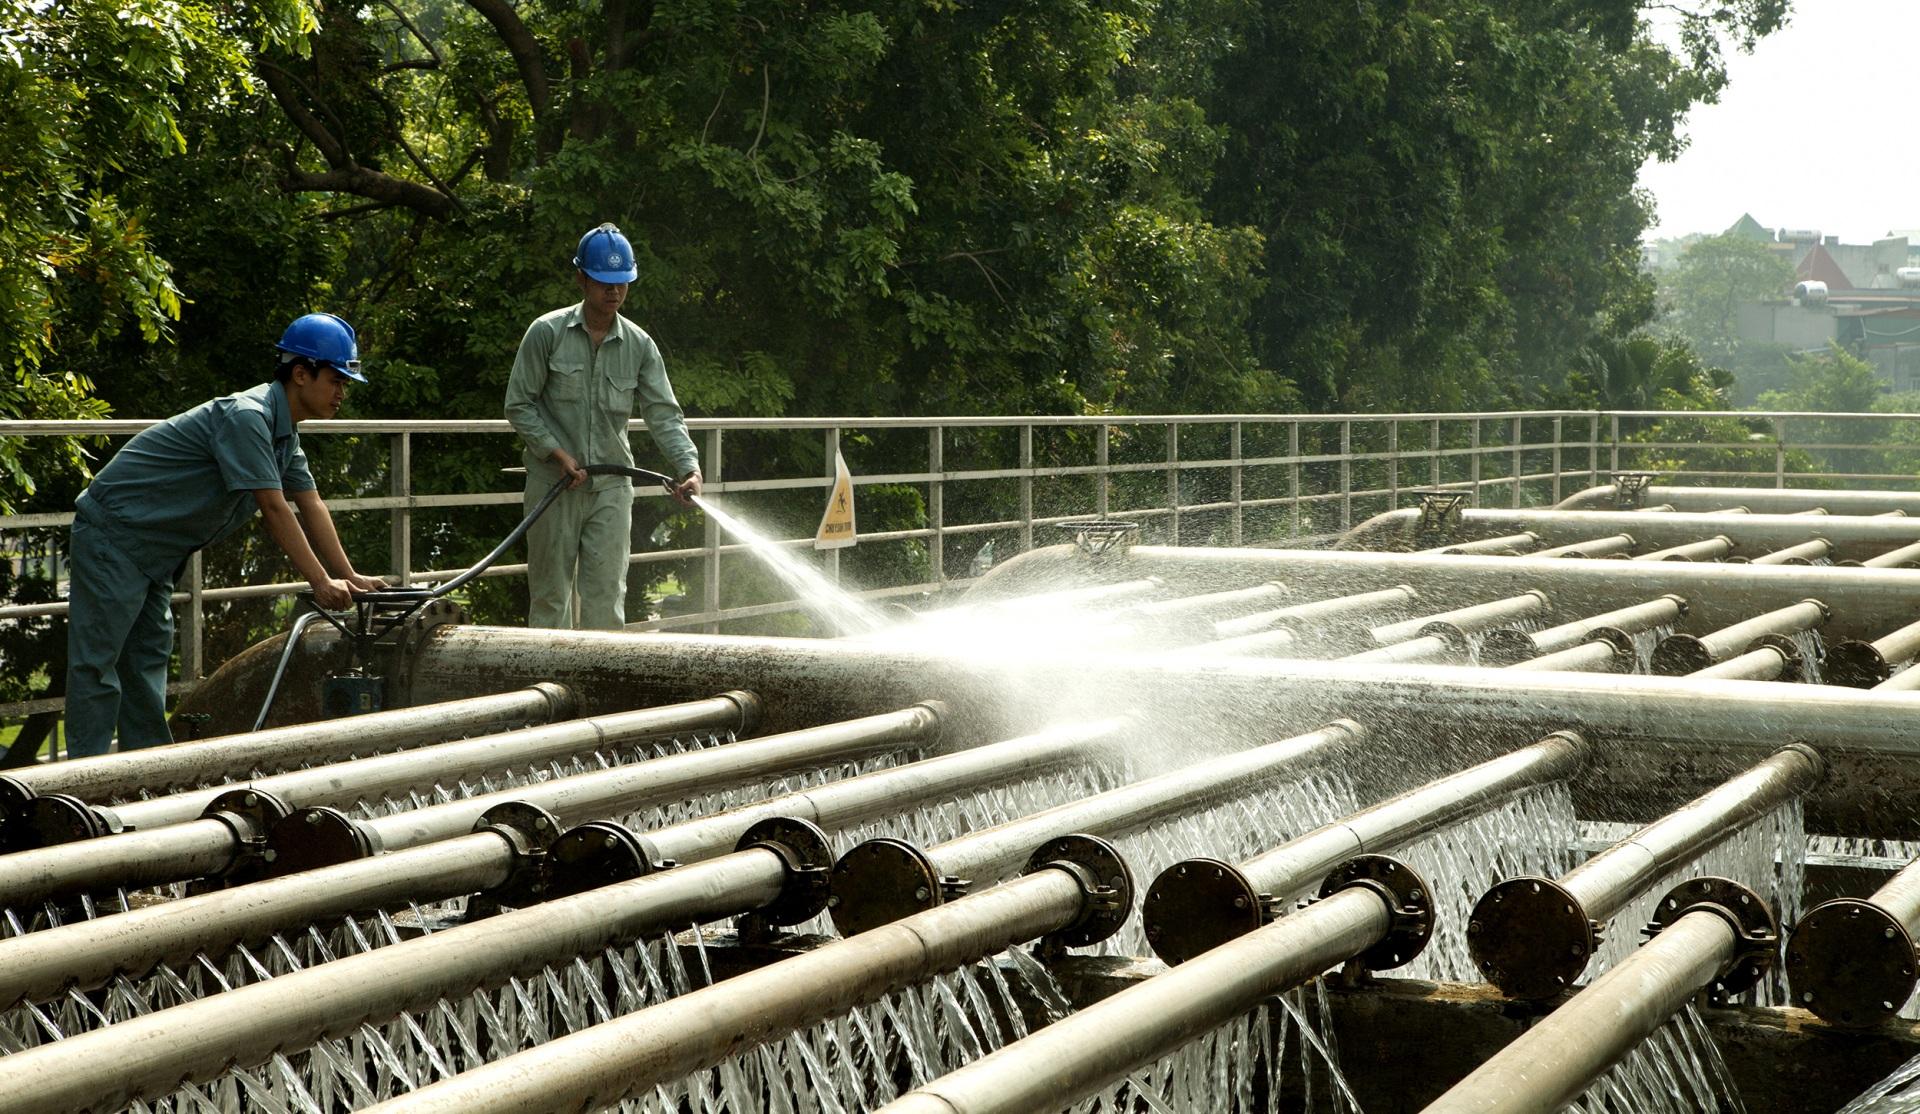 Tăng cường quản lý hoạt động sản xuất, kinh doanh nước sạch, bảo đảm cấp nước an toàn, liên tục